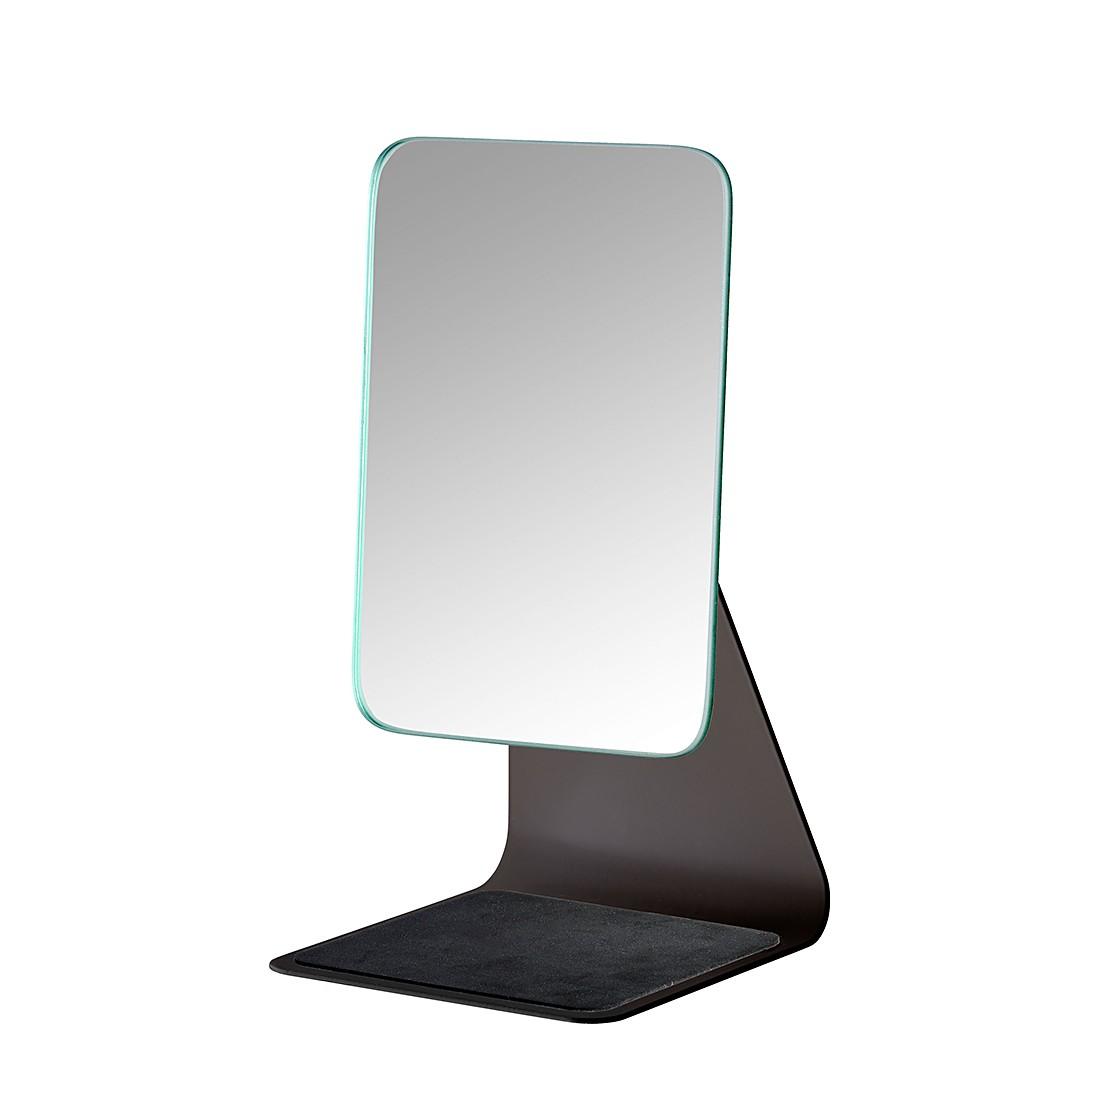 home24 Kosmetikspiegel Frisa | Bad > Bad-Accessoires > Kosmetikspiegel | Schwarz | Metall | WENKO